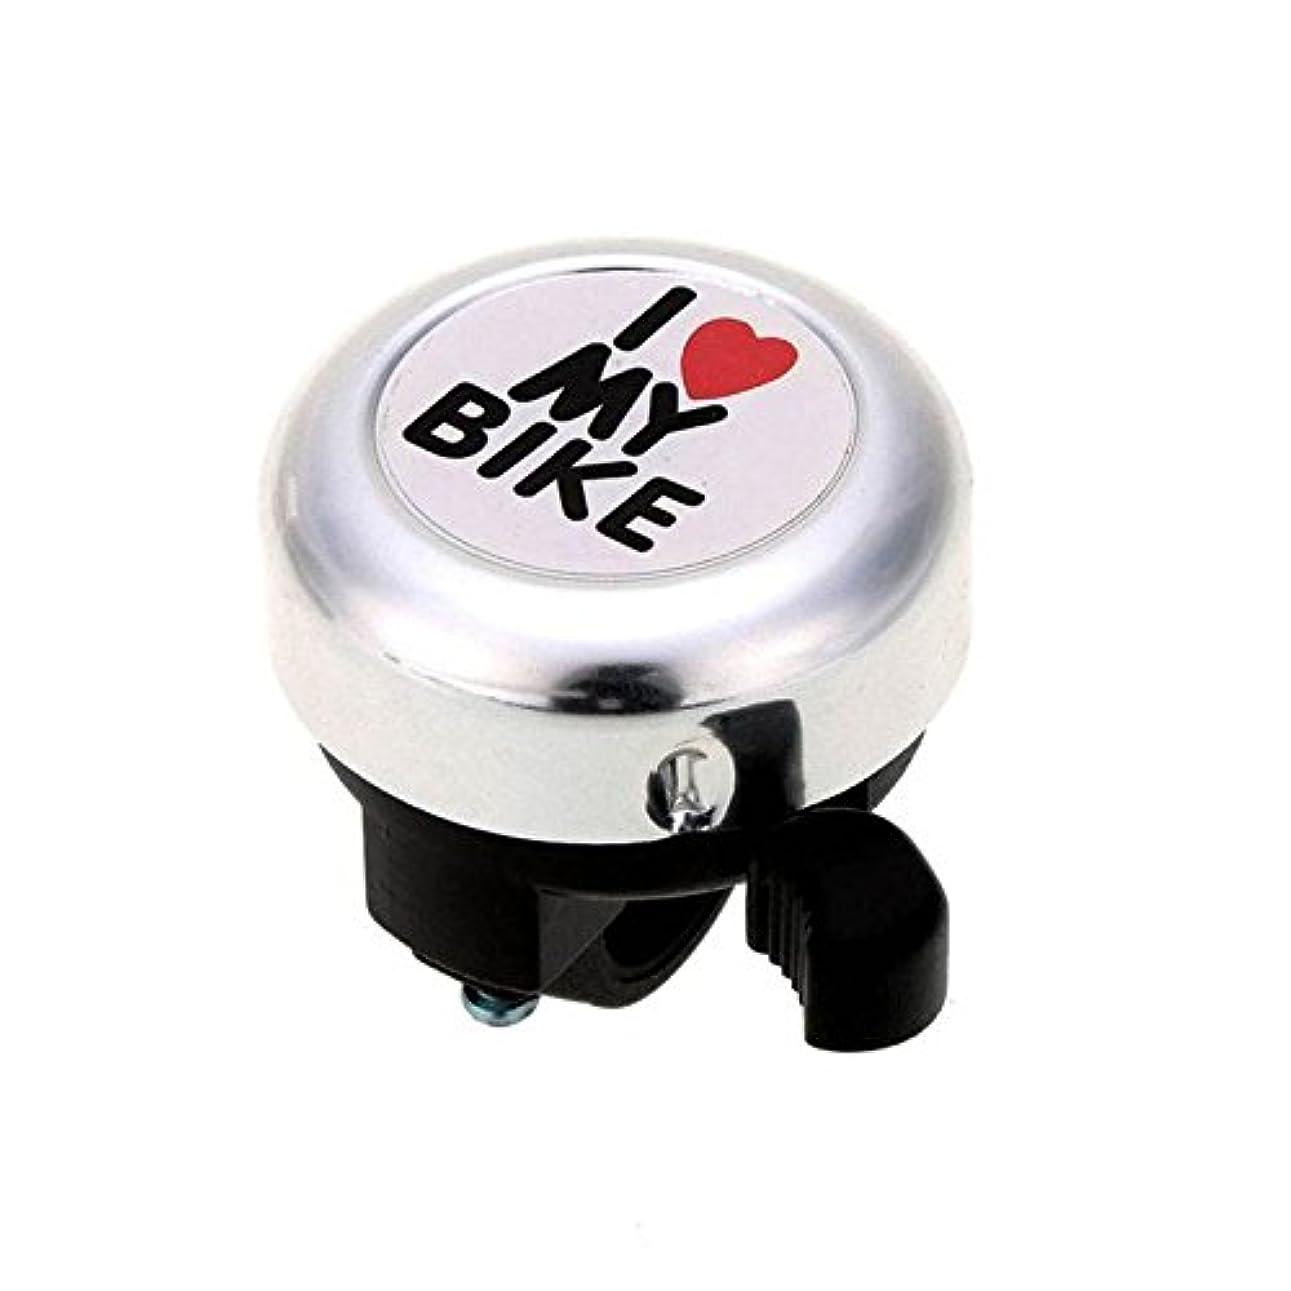 式チャット石膏SODIAL 自転車ベル -「私は私の自転車が好きです。」自転車ホーン 大きく響くアルミ自転車のリングミニ自転車アクセサリー 大人男性女性子供女の子男の子の自転車用(シルバー)